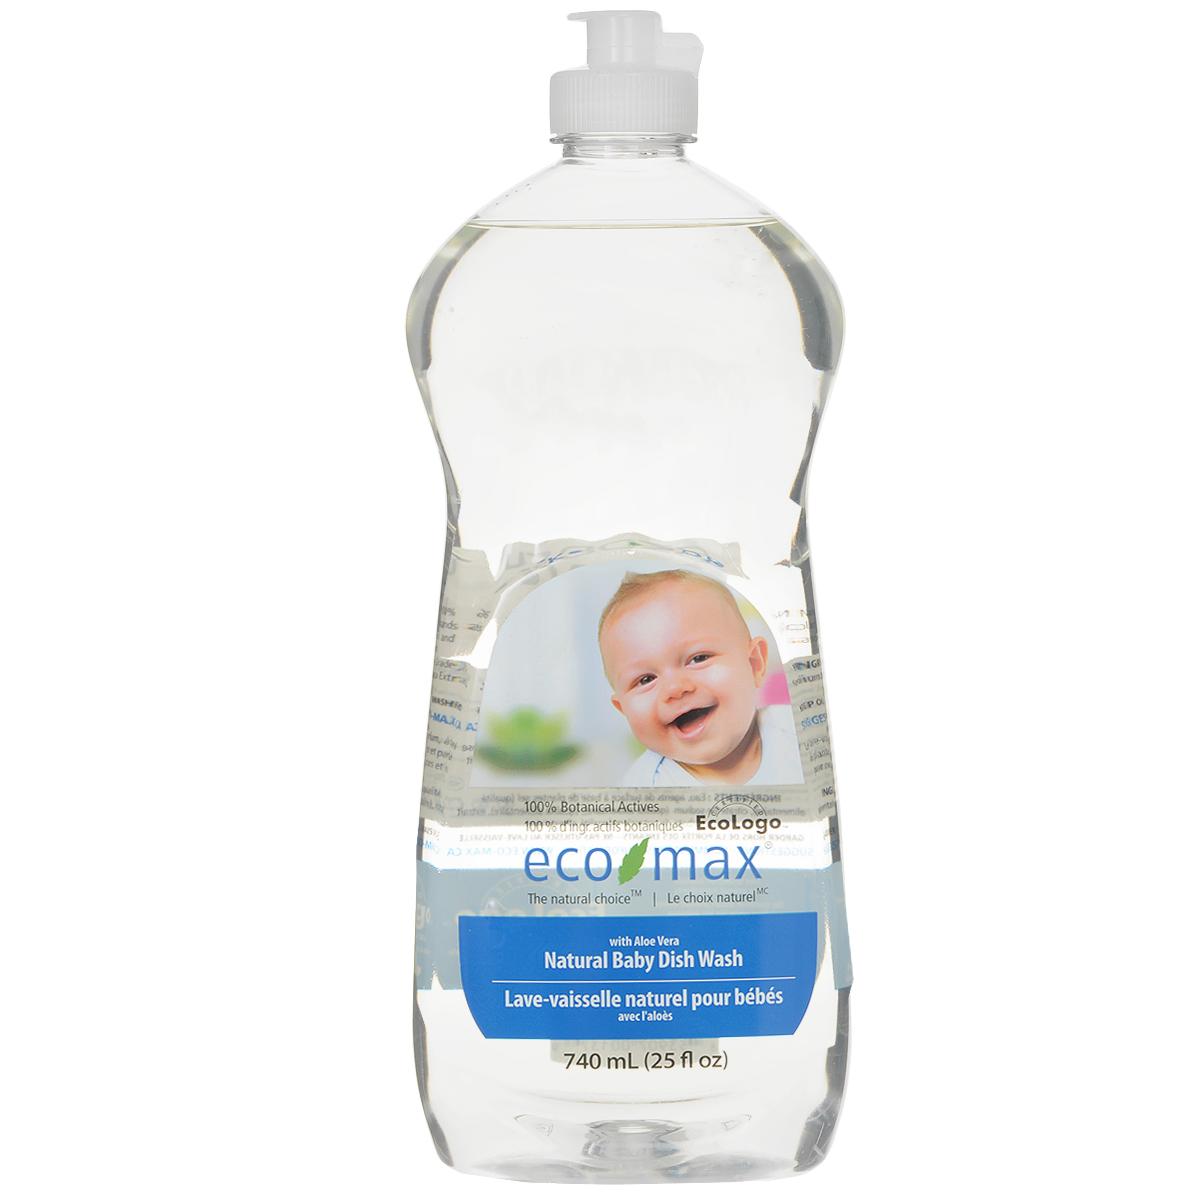 Средство для мытья детской посуды Eco Max, 740 млEmax-C137Средство для мытья детской посуды Eco Max - натуральное средство на 100% растительной основе, полностью биоразлагаемое. В этом средстве используются активные чистящие вещества ингредиентов, полученных из биоразлагаемых и возобновляемых растительных источников. Содержит алоэ вера, обладающее увлажняющими и заживляющими свойствами. Не имеет запаха и идеально подходит для ежедневного мытья посуды, особенно людям, чувствительным к различным запахам.Состав: вода, ПАВ растительного происхождения, растительный экстракт алоэ вера, пищевой сорбат калия в качестве консерванта, пищевая лимонная кислота (из плодов лимона). Товар сертифицирован.